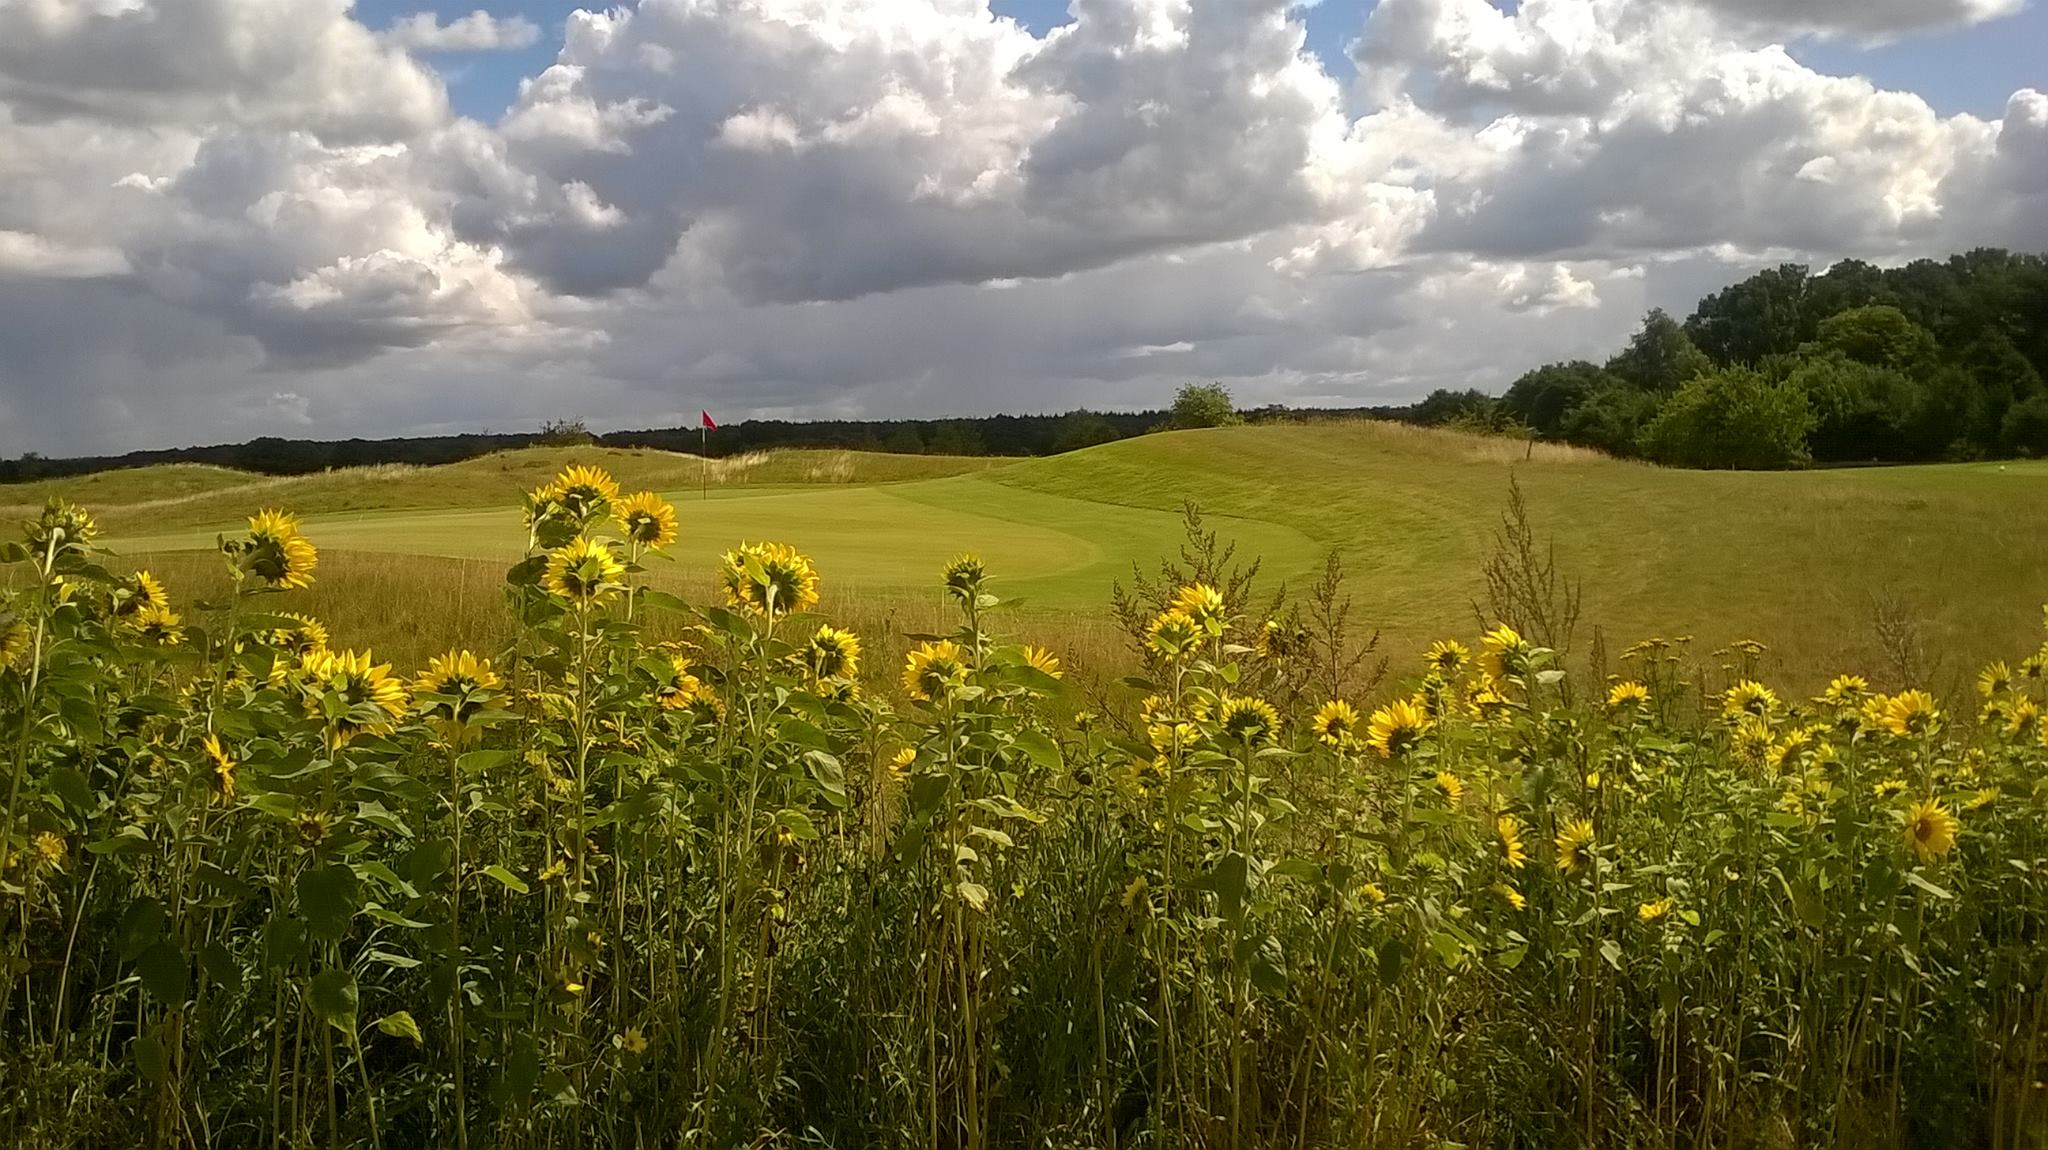 Overview of golf course named Golf-Club Verden e.V.